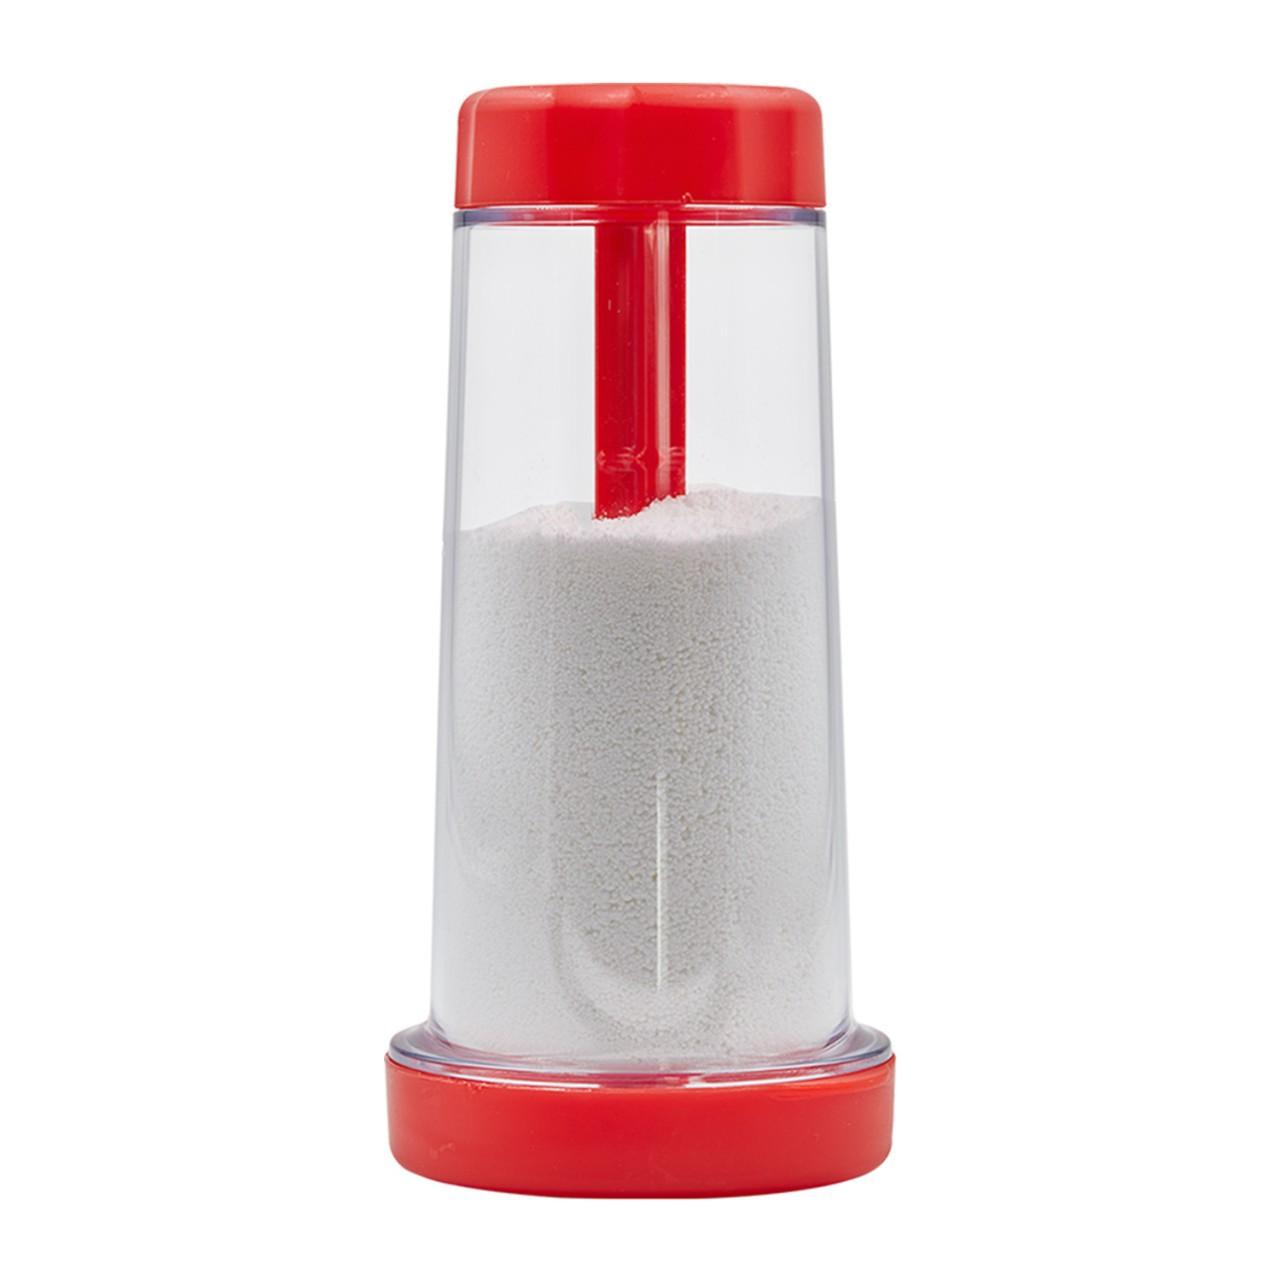 Tapioqueira Tapy Vermelha